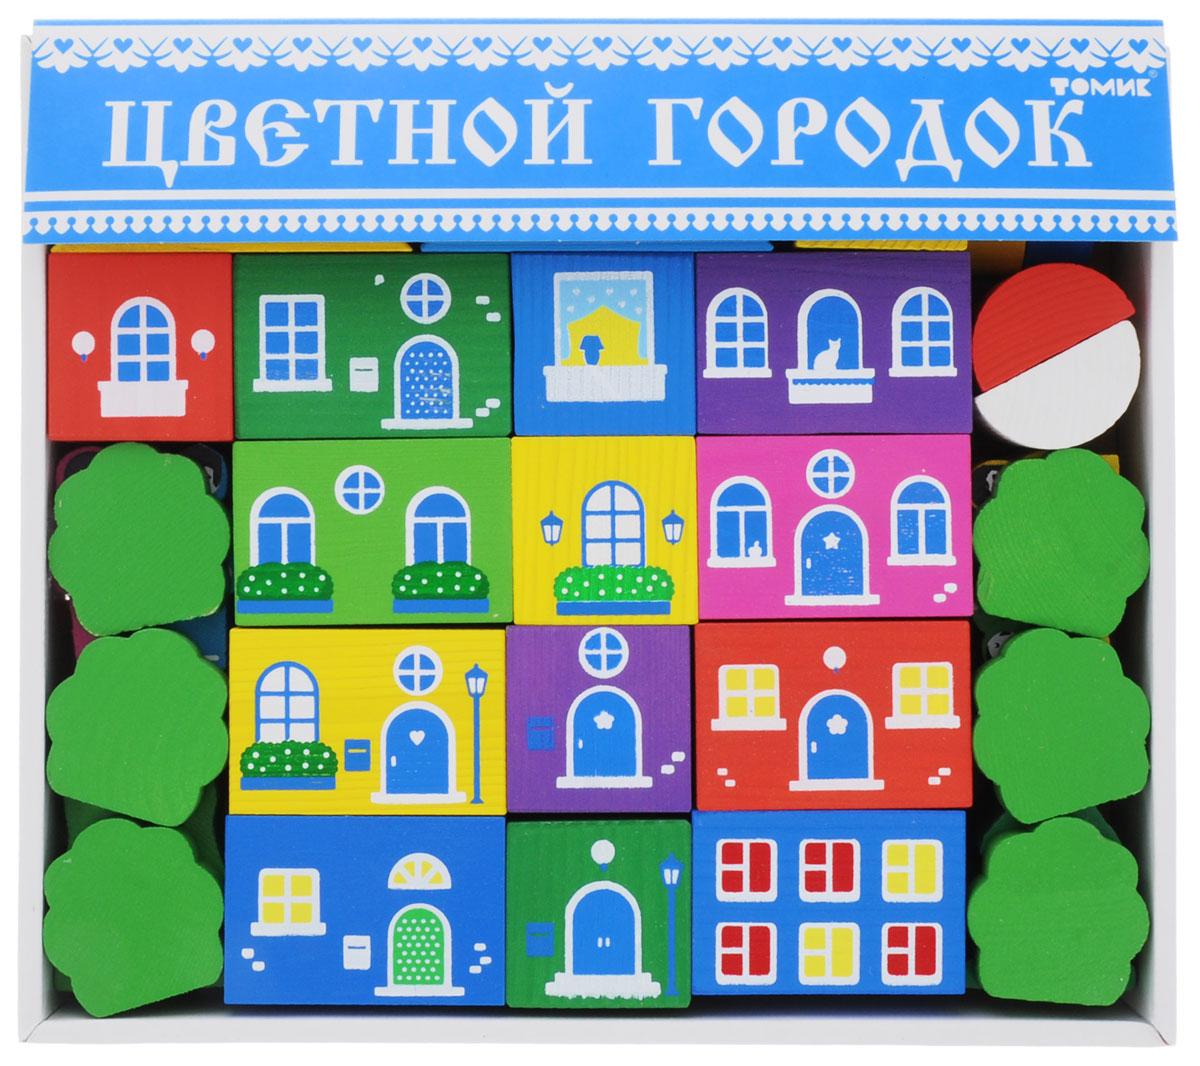 Томик Конструктор Цветной городок8688-8Конструктор Томик Цветной городок - очень яркий конструктор для создания городка и ролевых игр с ним. Все элементы изготовлены из экологически чистого дерева, краски не токсичные и прочные. Включает в себя конструктор 41 элемент. В этом замечательном конструкторе есть все, для того, чтобы построить городок - различные домики, деревья, машинки и фигурки человечков. На домиках нарисованы окошки различных форм, шторки и цветочки на подоконниках. Малыш сможет не только построить целый город, но и как настоящий волшебник наполнить его жизнью. Игра с данным конструктором развивает пространственное мышление, фантазию, умение использовать форму предмета, моторику, координацию, приучает ребенка к усидчивости.